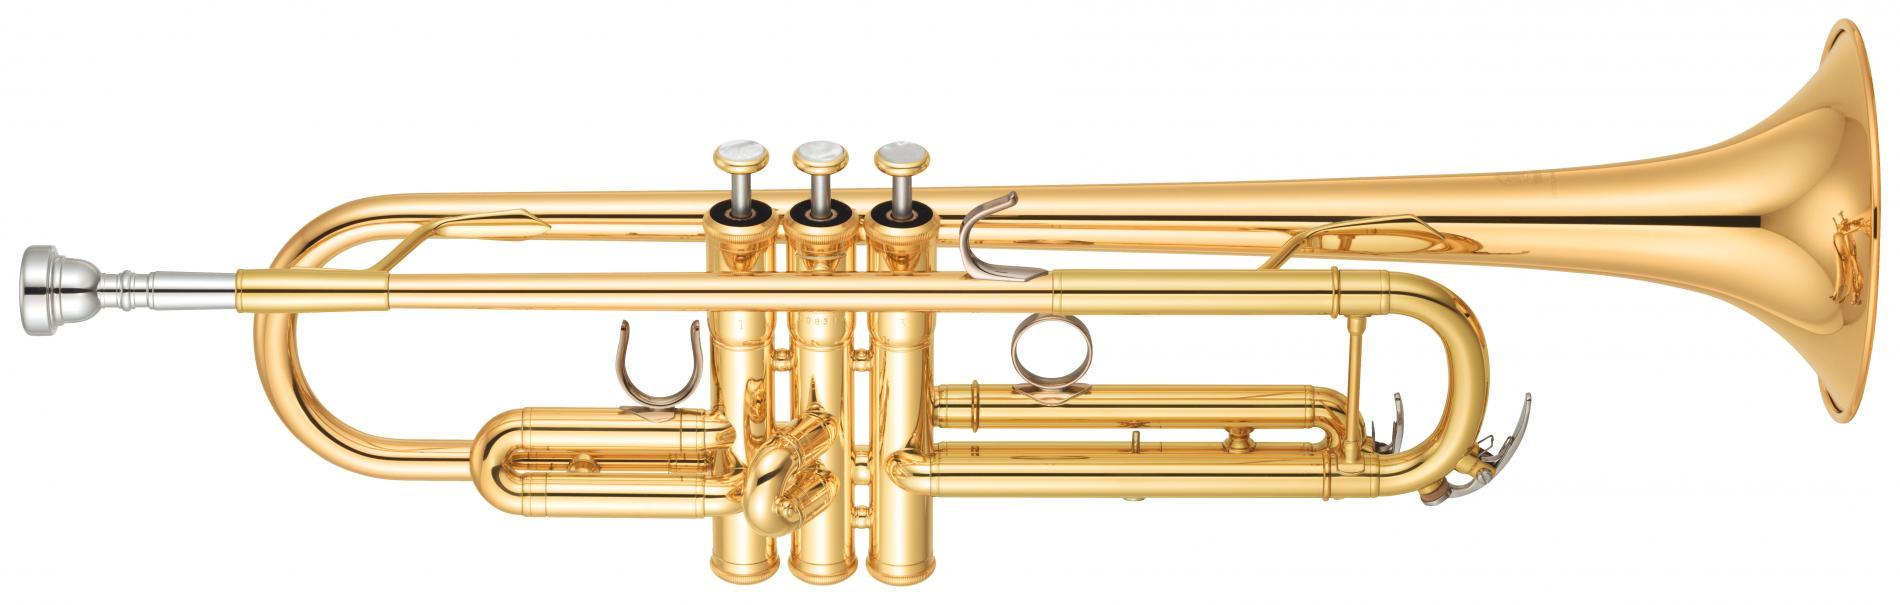 B-Trompete YTR-5335G